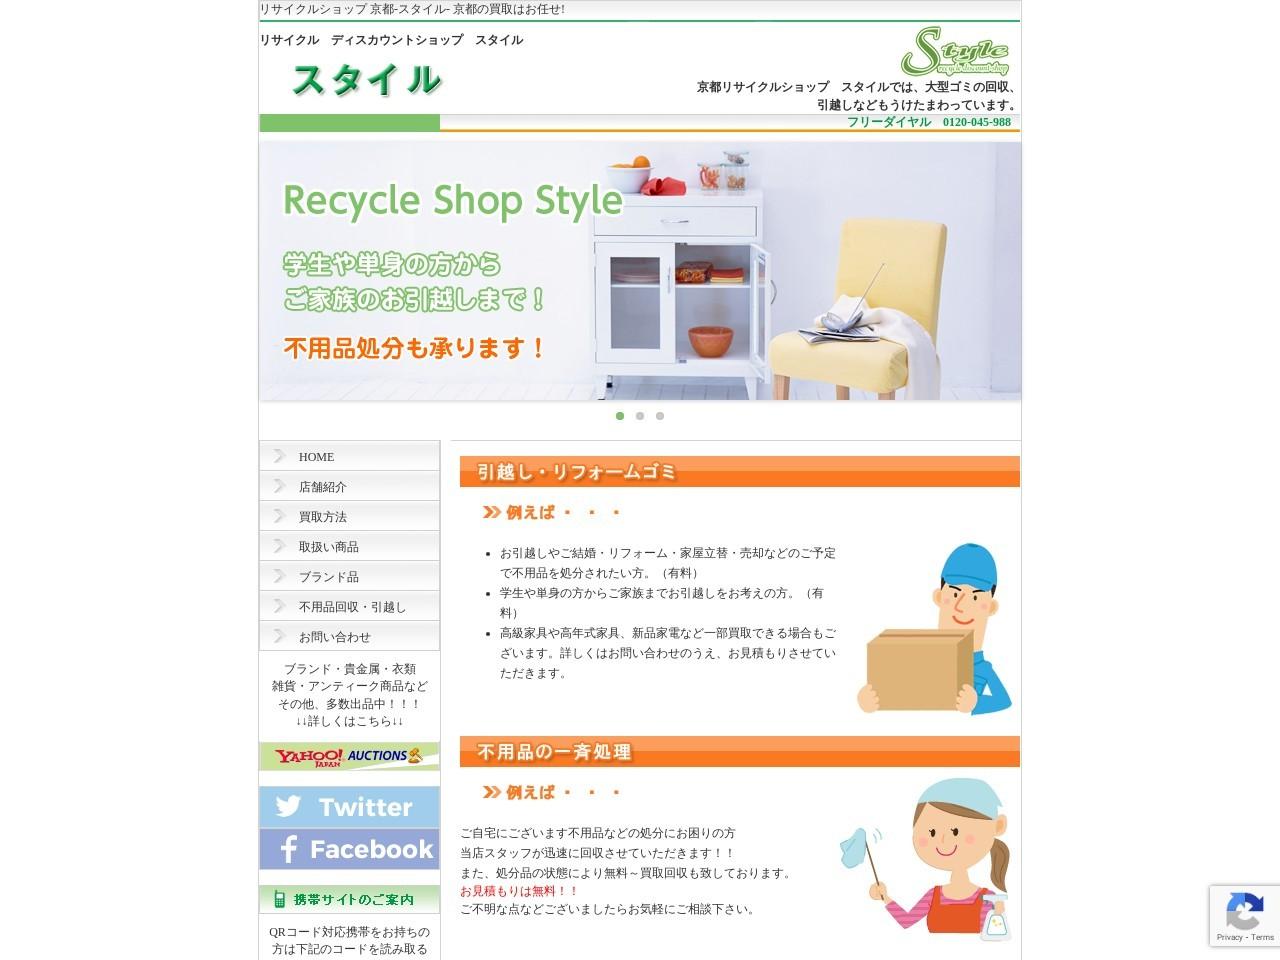 京都市 出張買取のリサイクルショップ|スタイル